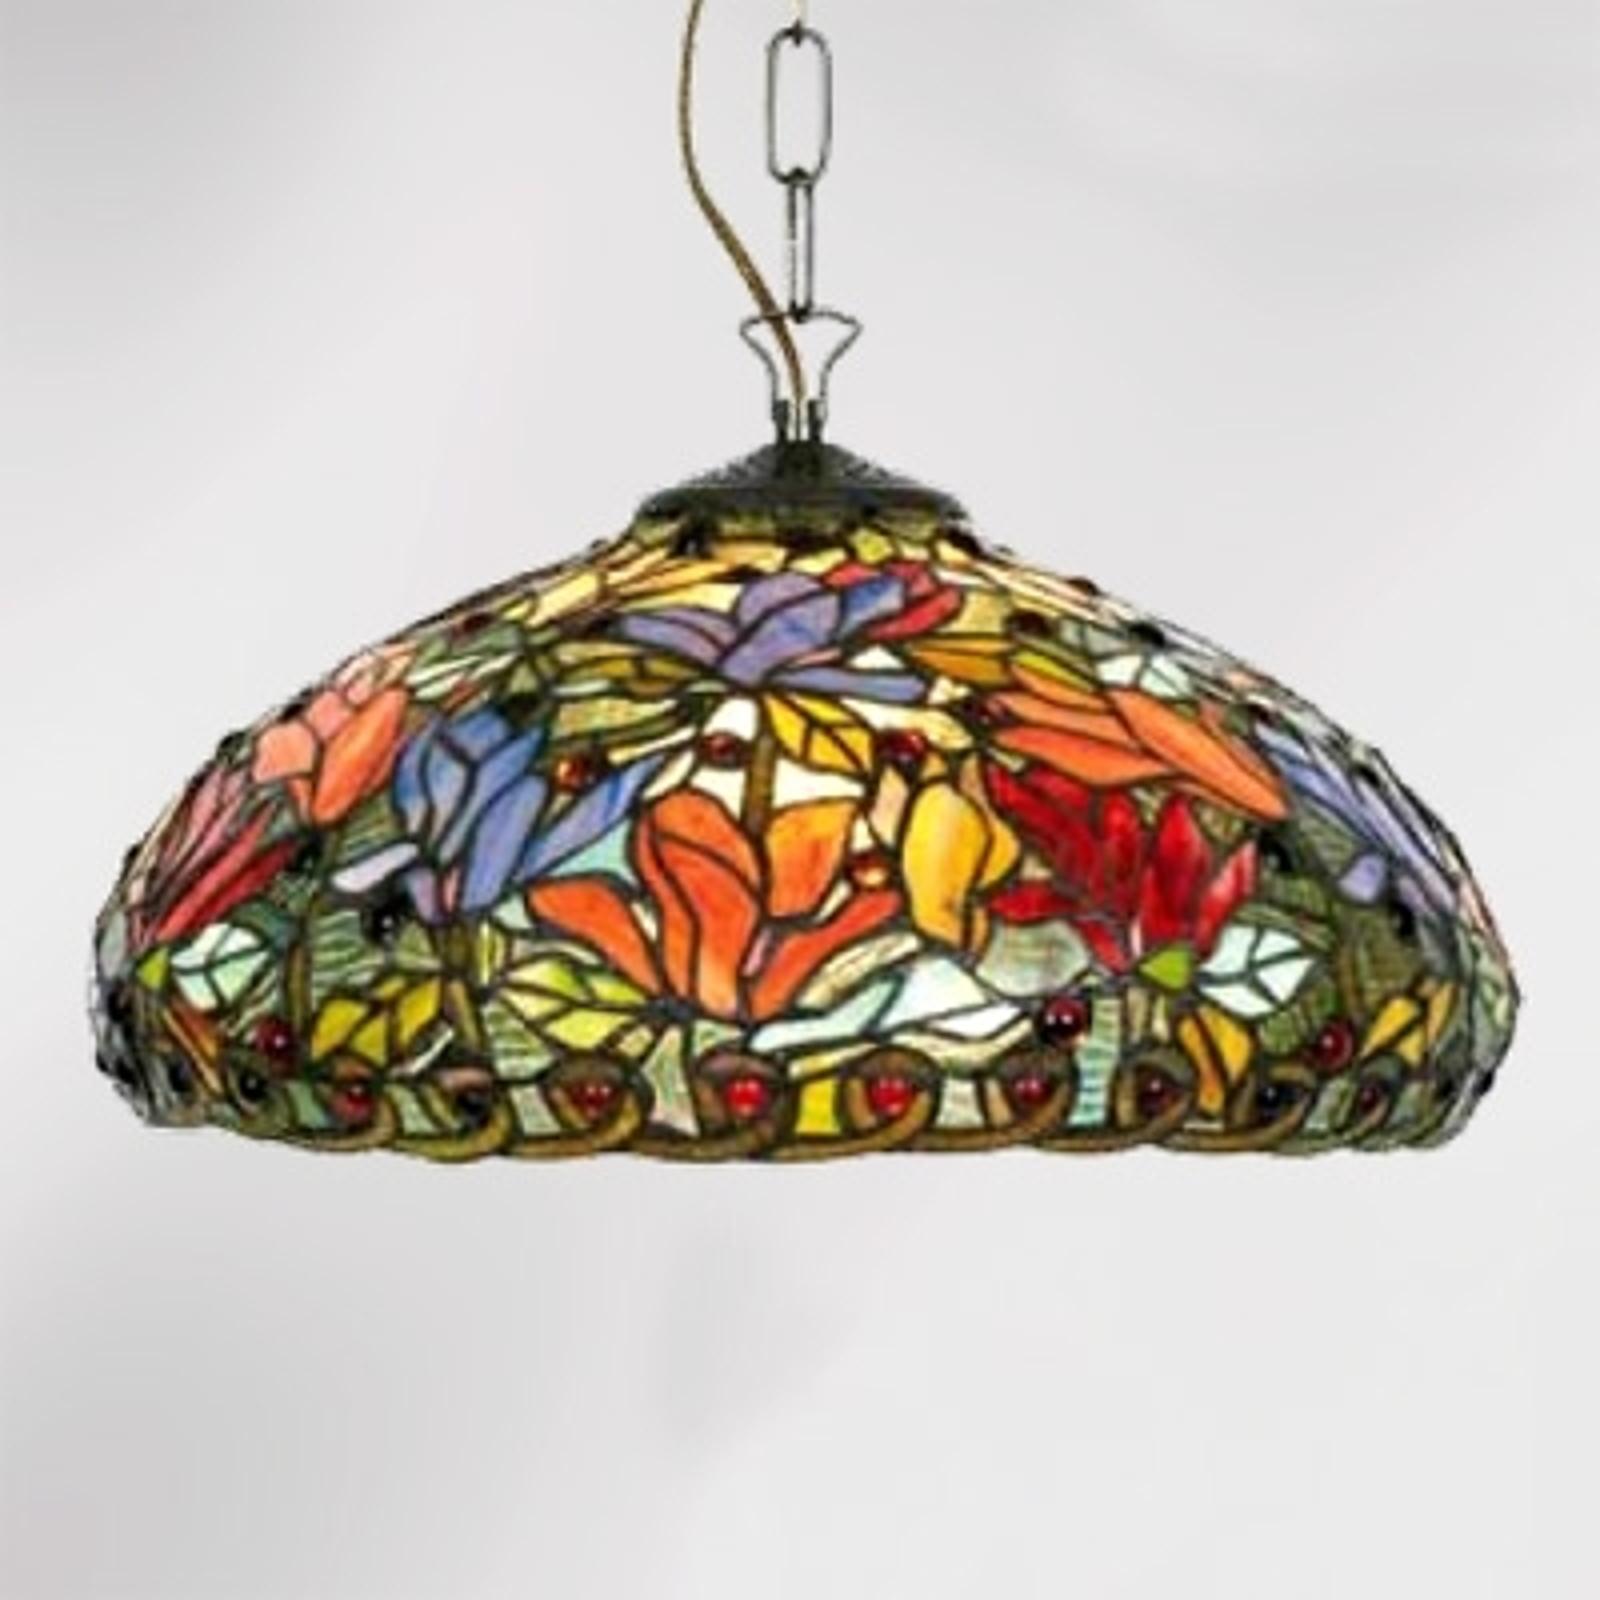 Kwiatowa lampa wisząca Elaine Tiffany 1-punktowa